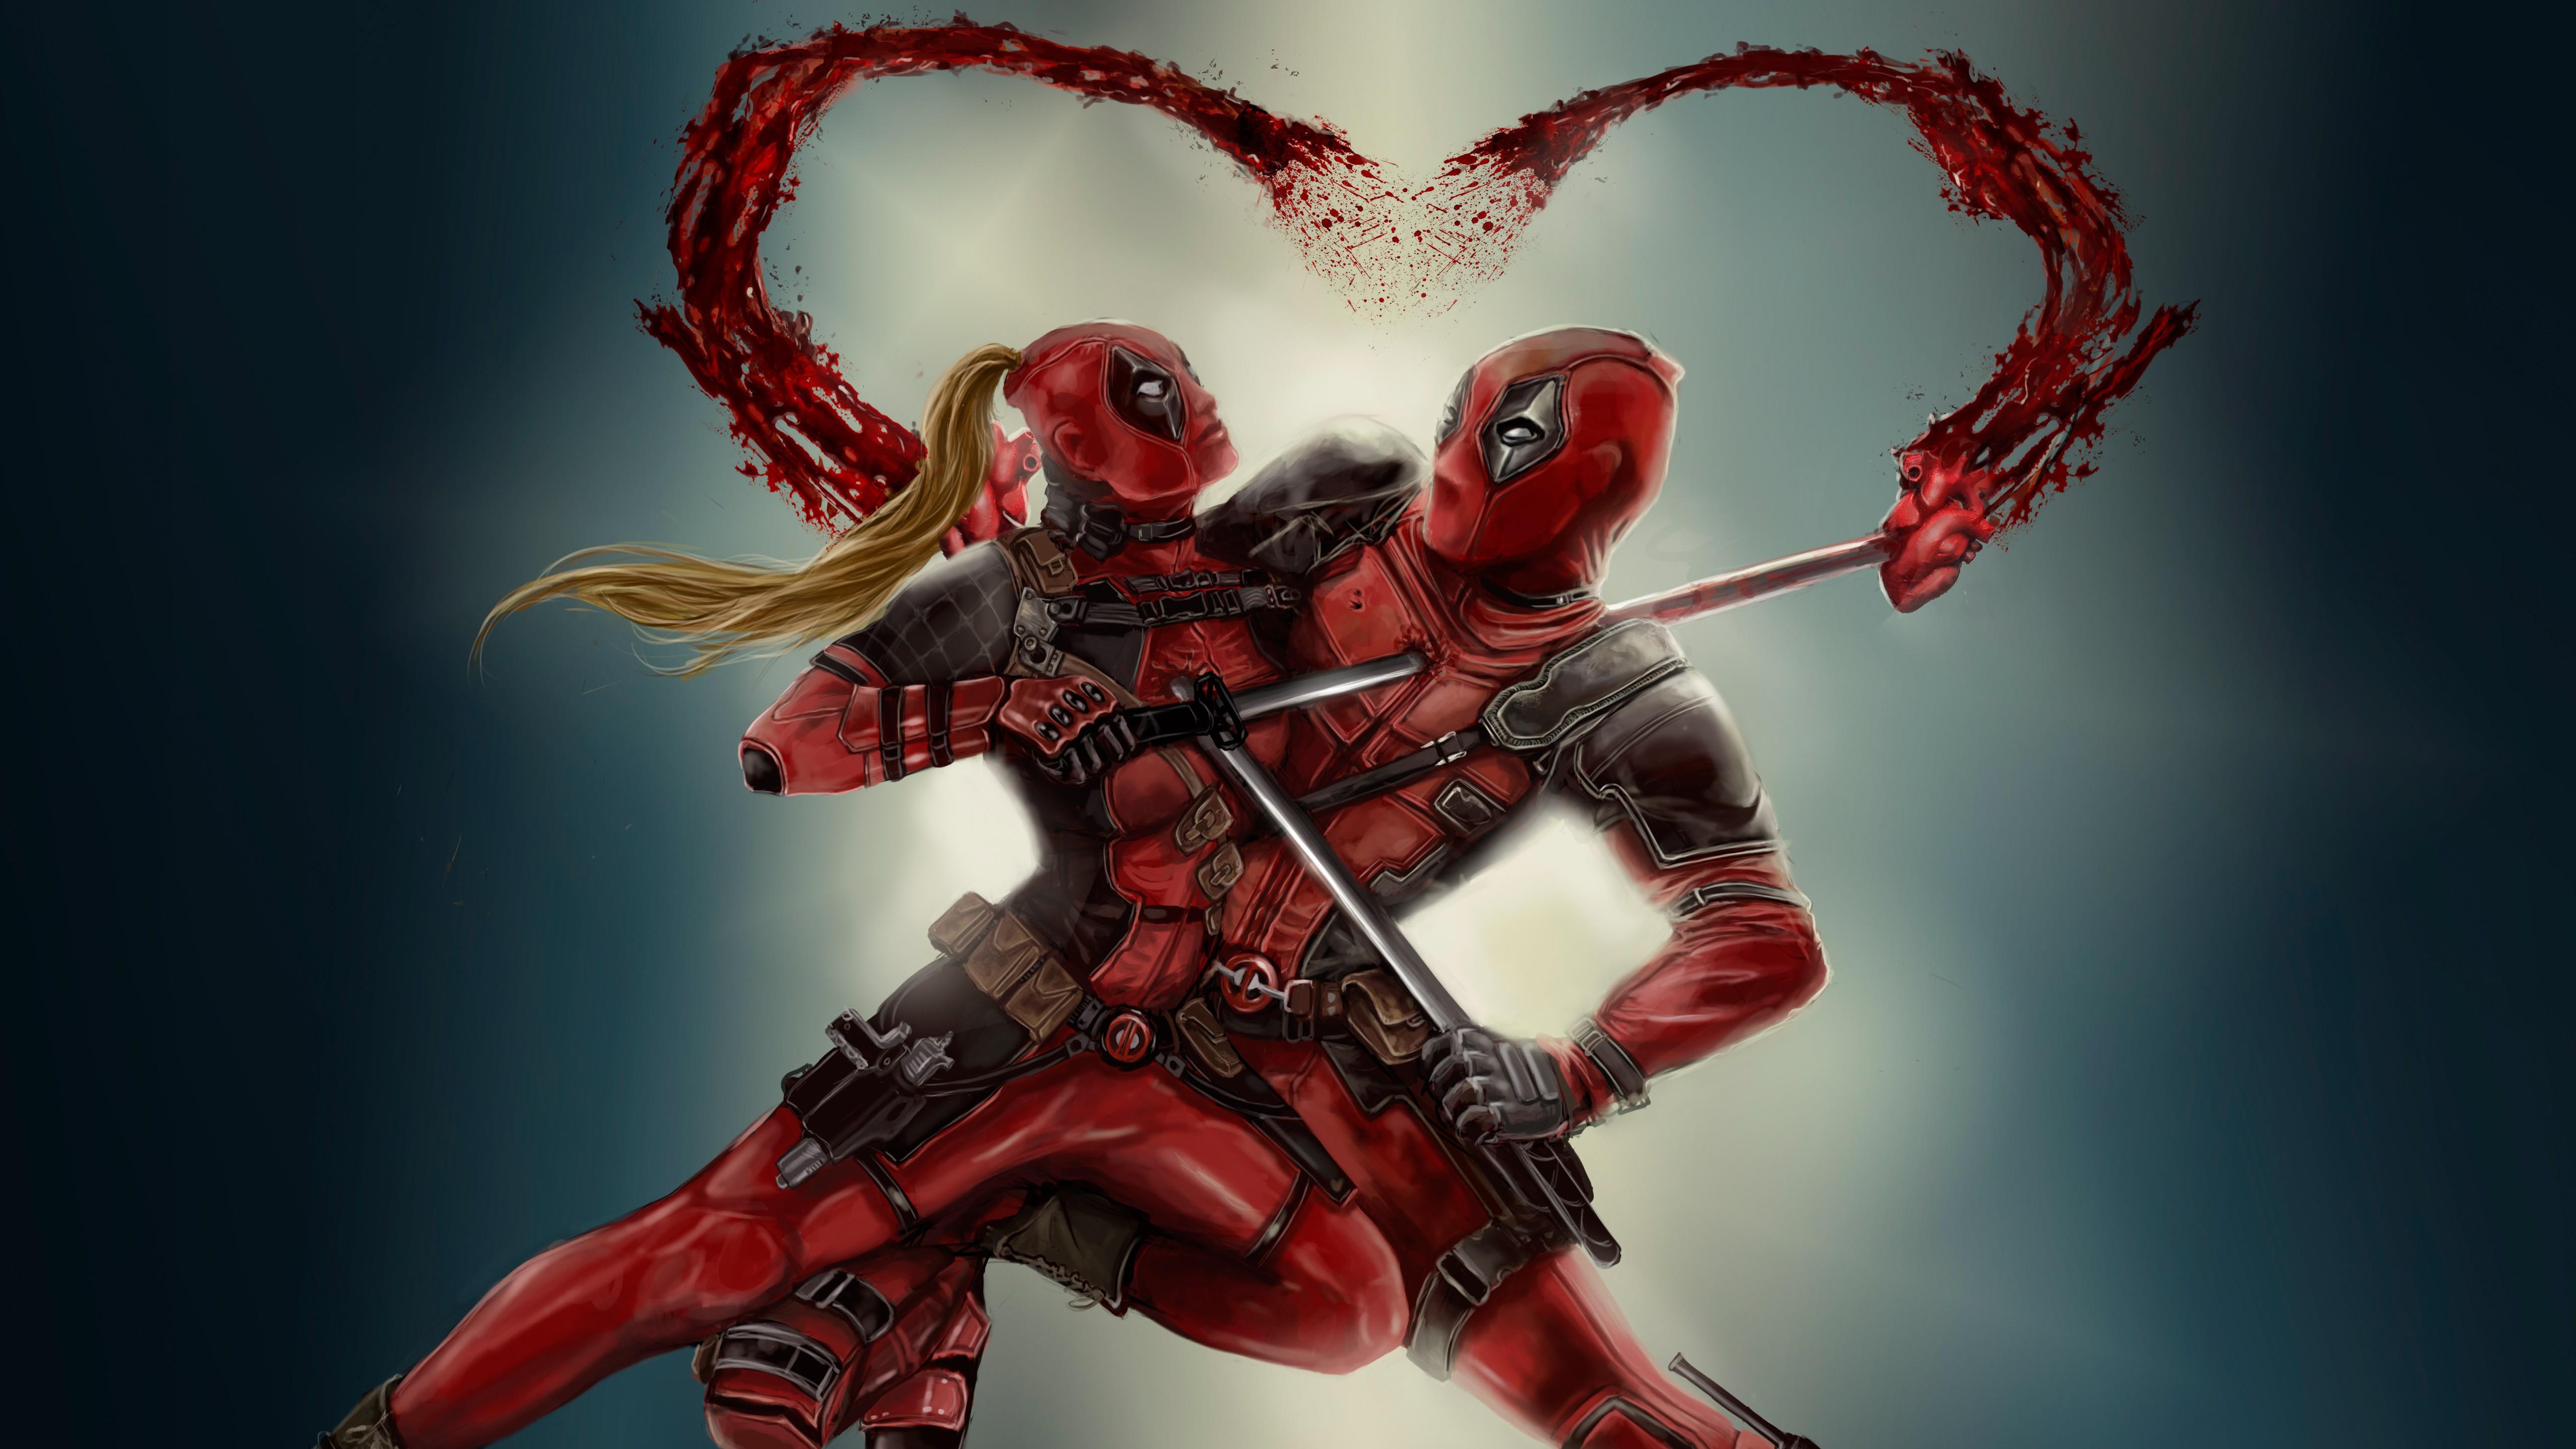 Spiderman Wallpaper 3d Hd Deadpool Couple 4k Wallpapers Hd Wallpapers Id 24563